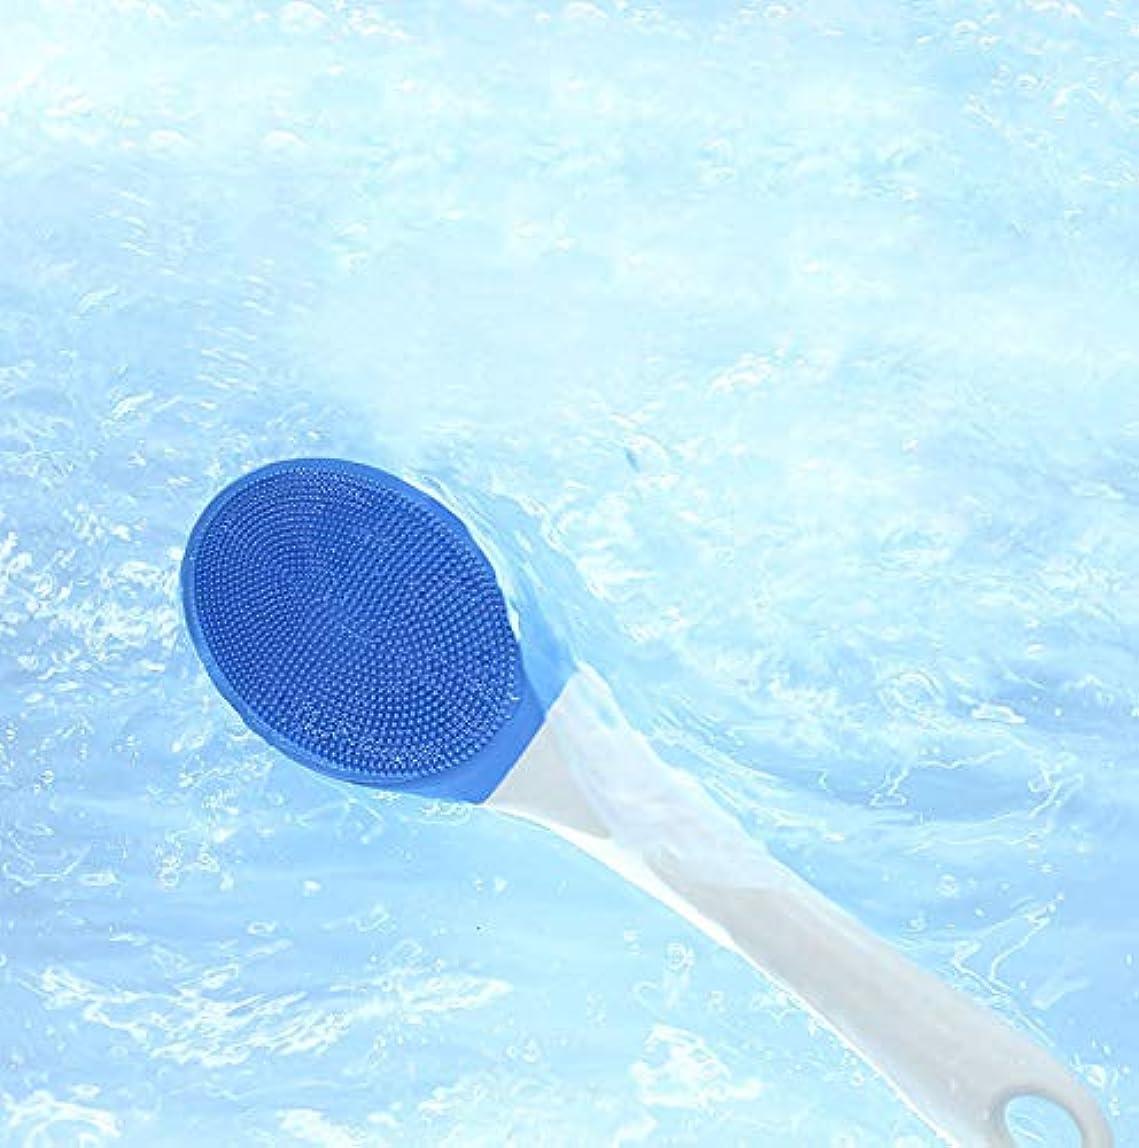 電気バスブラシ、防水ボディ、洗顔ブラシロングハンドルソニック電動スクラバーディープクリーニング用3スピード調整可能なパルス振動,Blue